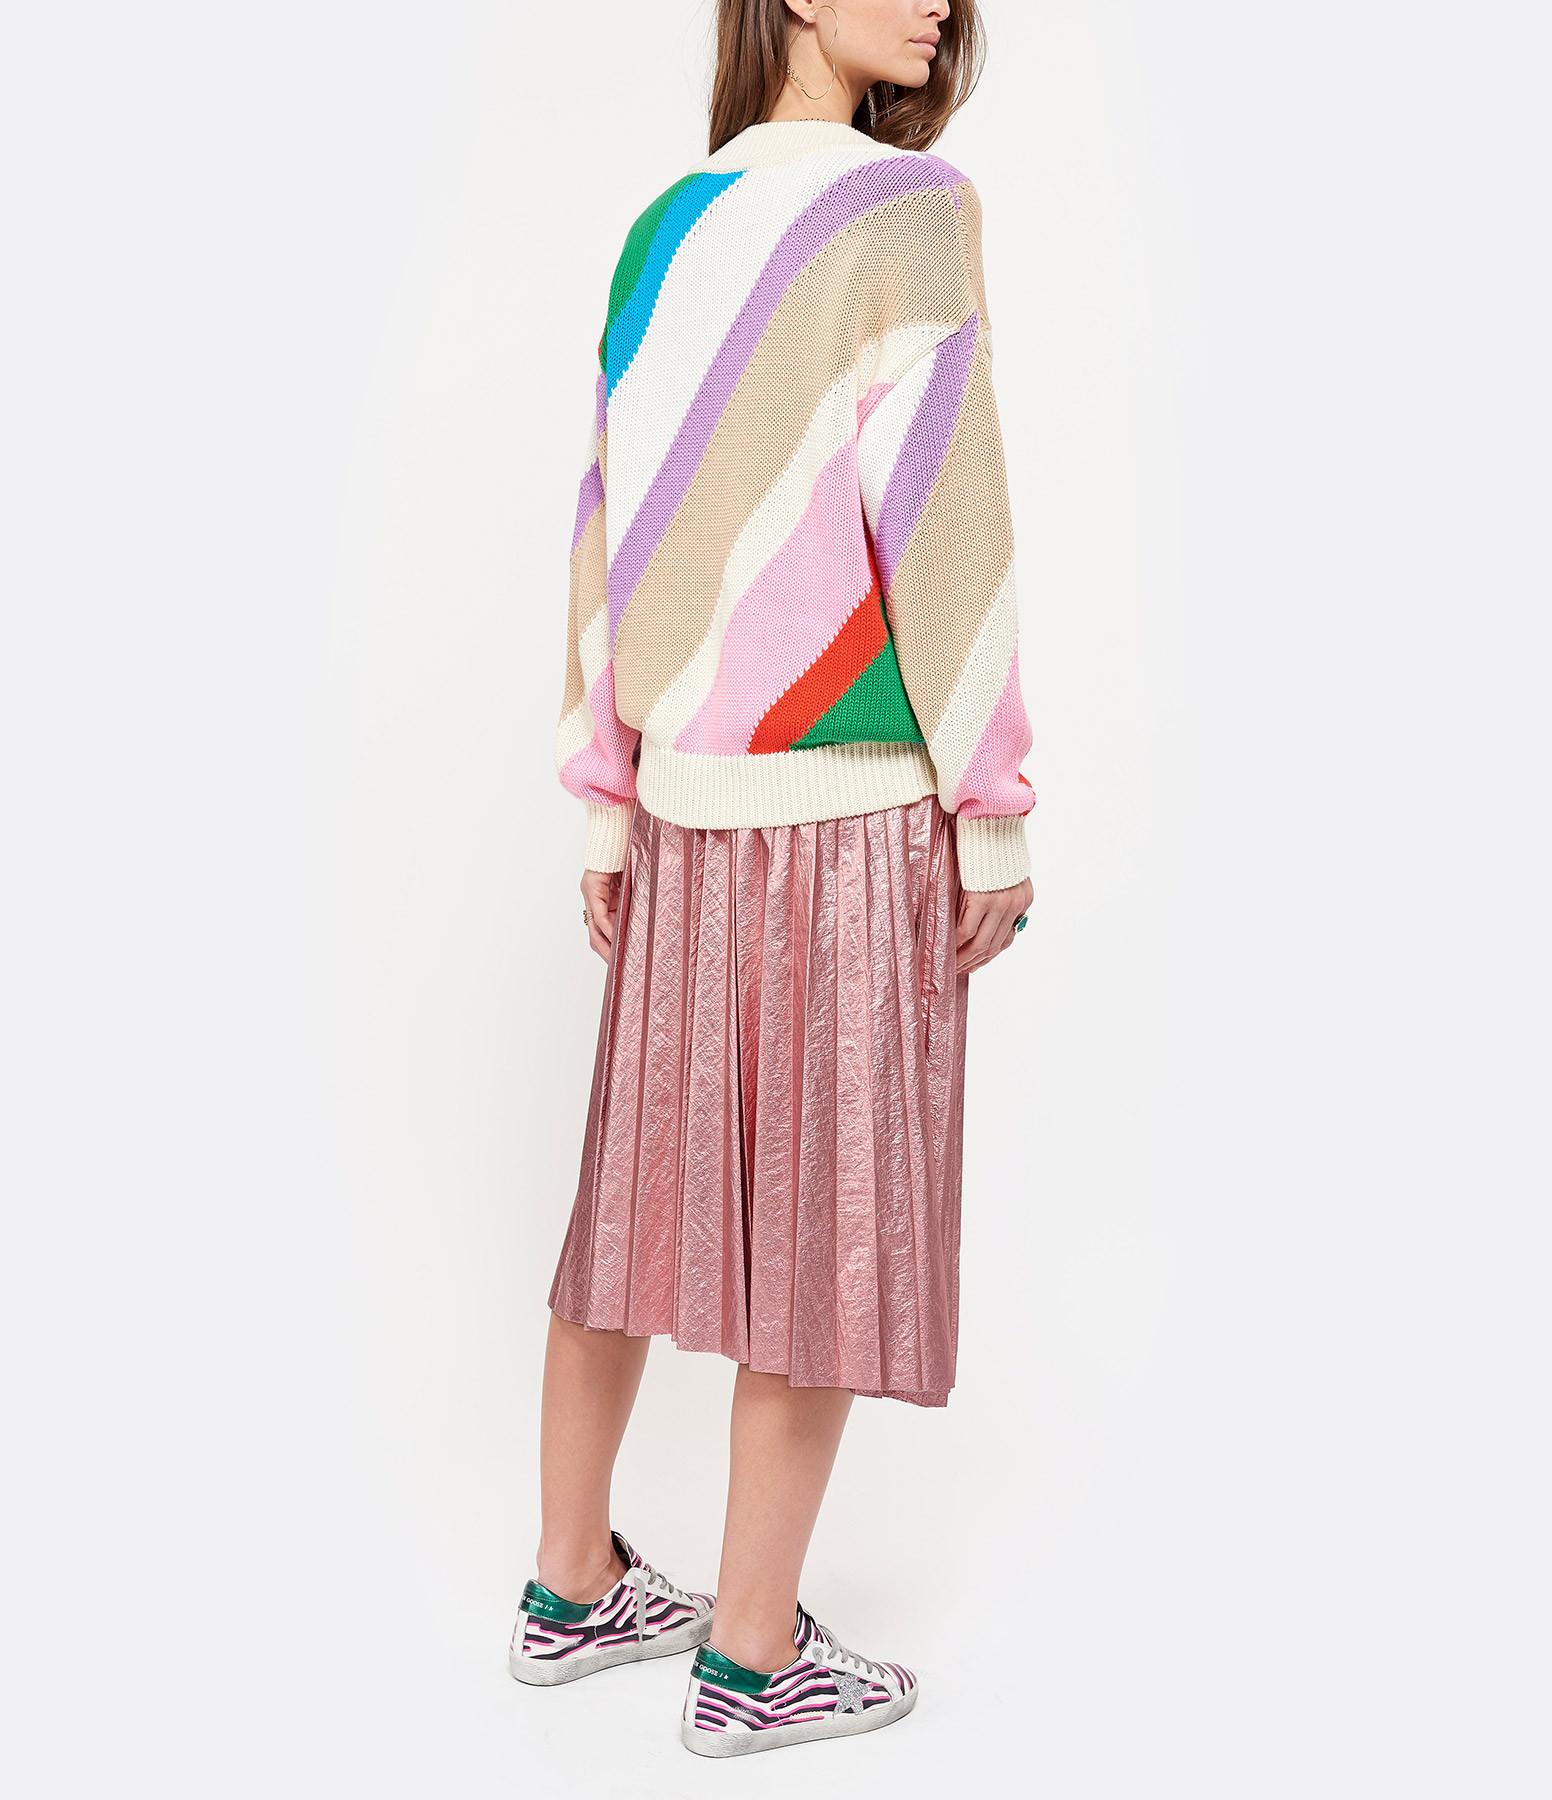 MSGM - Pull Coton Rayures Multicolore